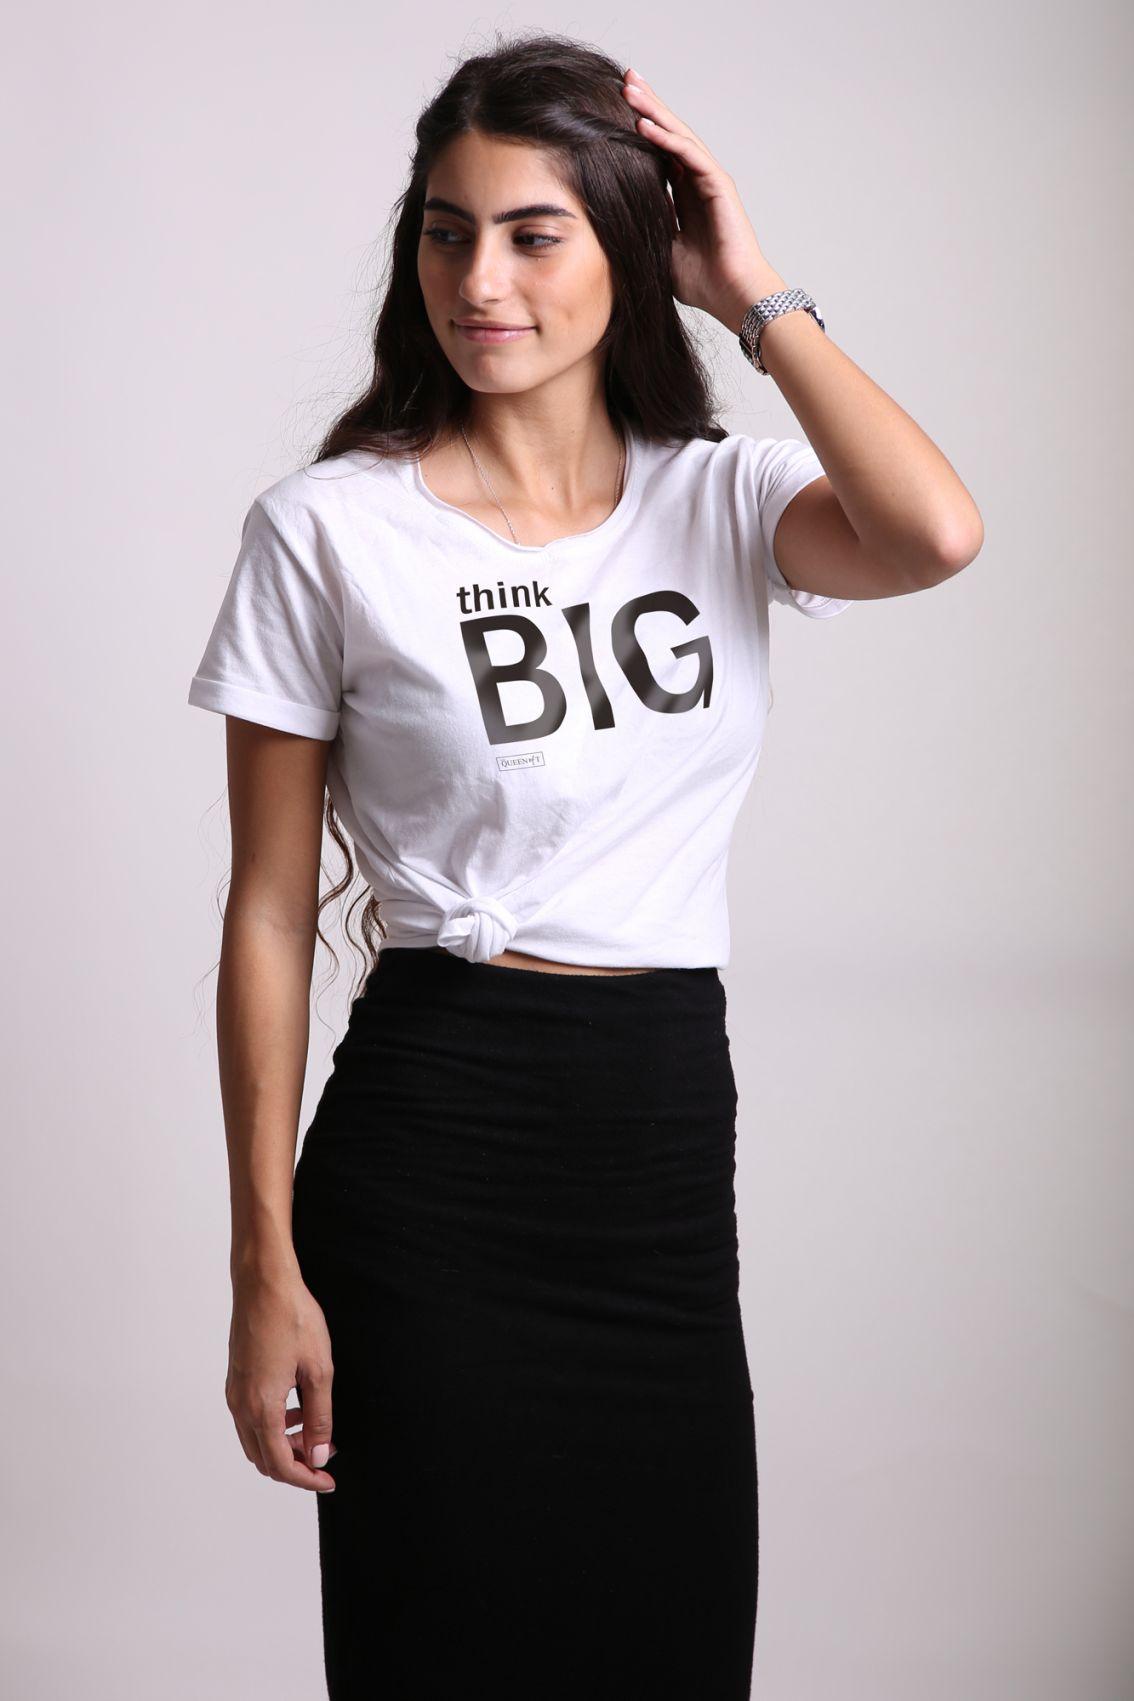 Think BIG - Tshirt